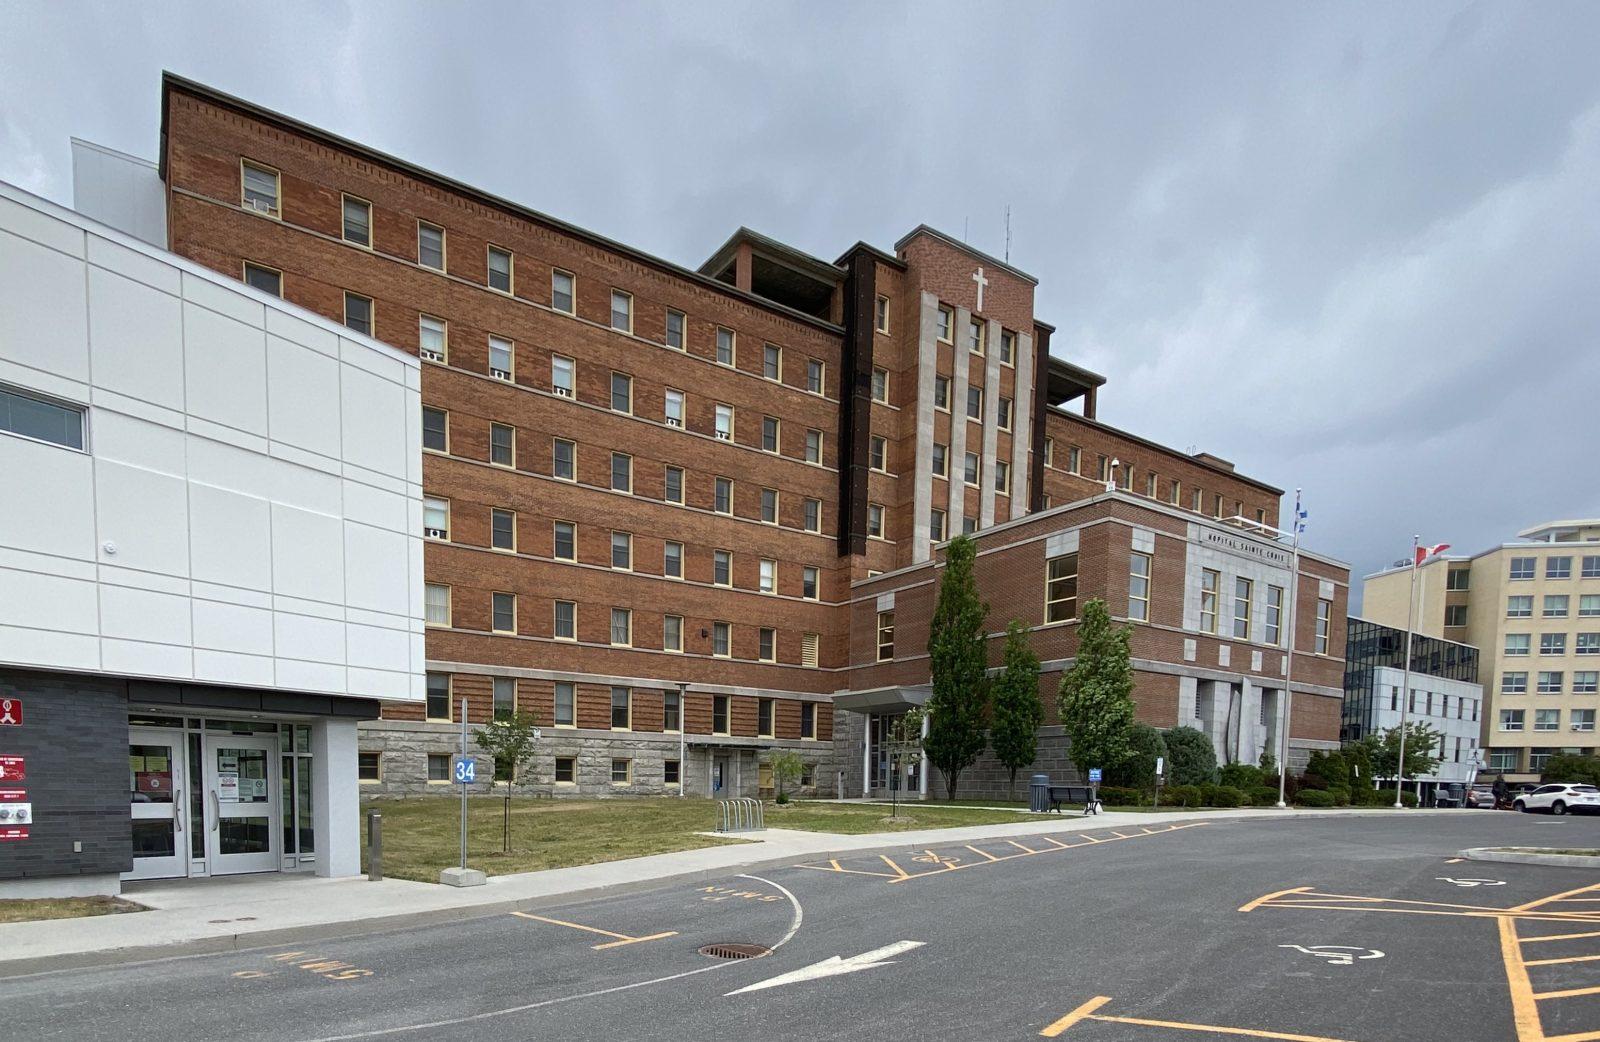 Dépistage : la clinique sans rendez-vous maintenant à l'hôpital